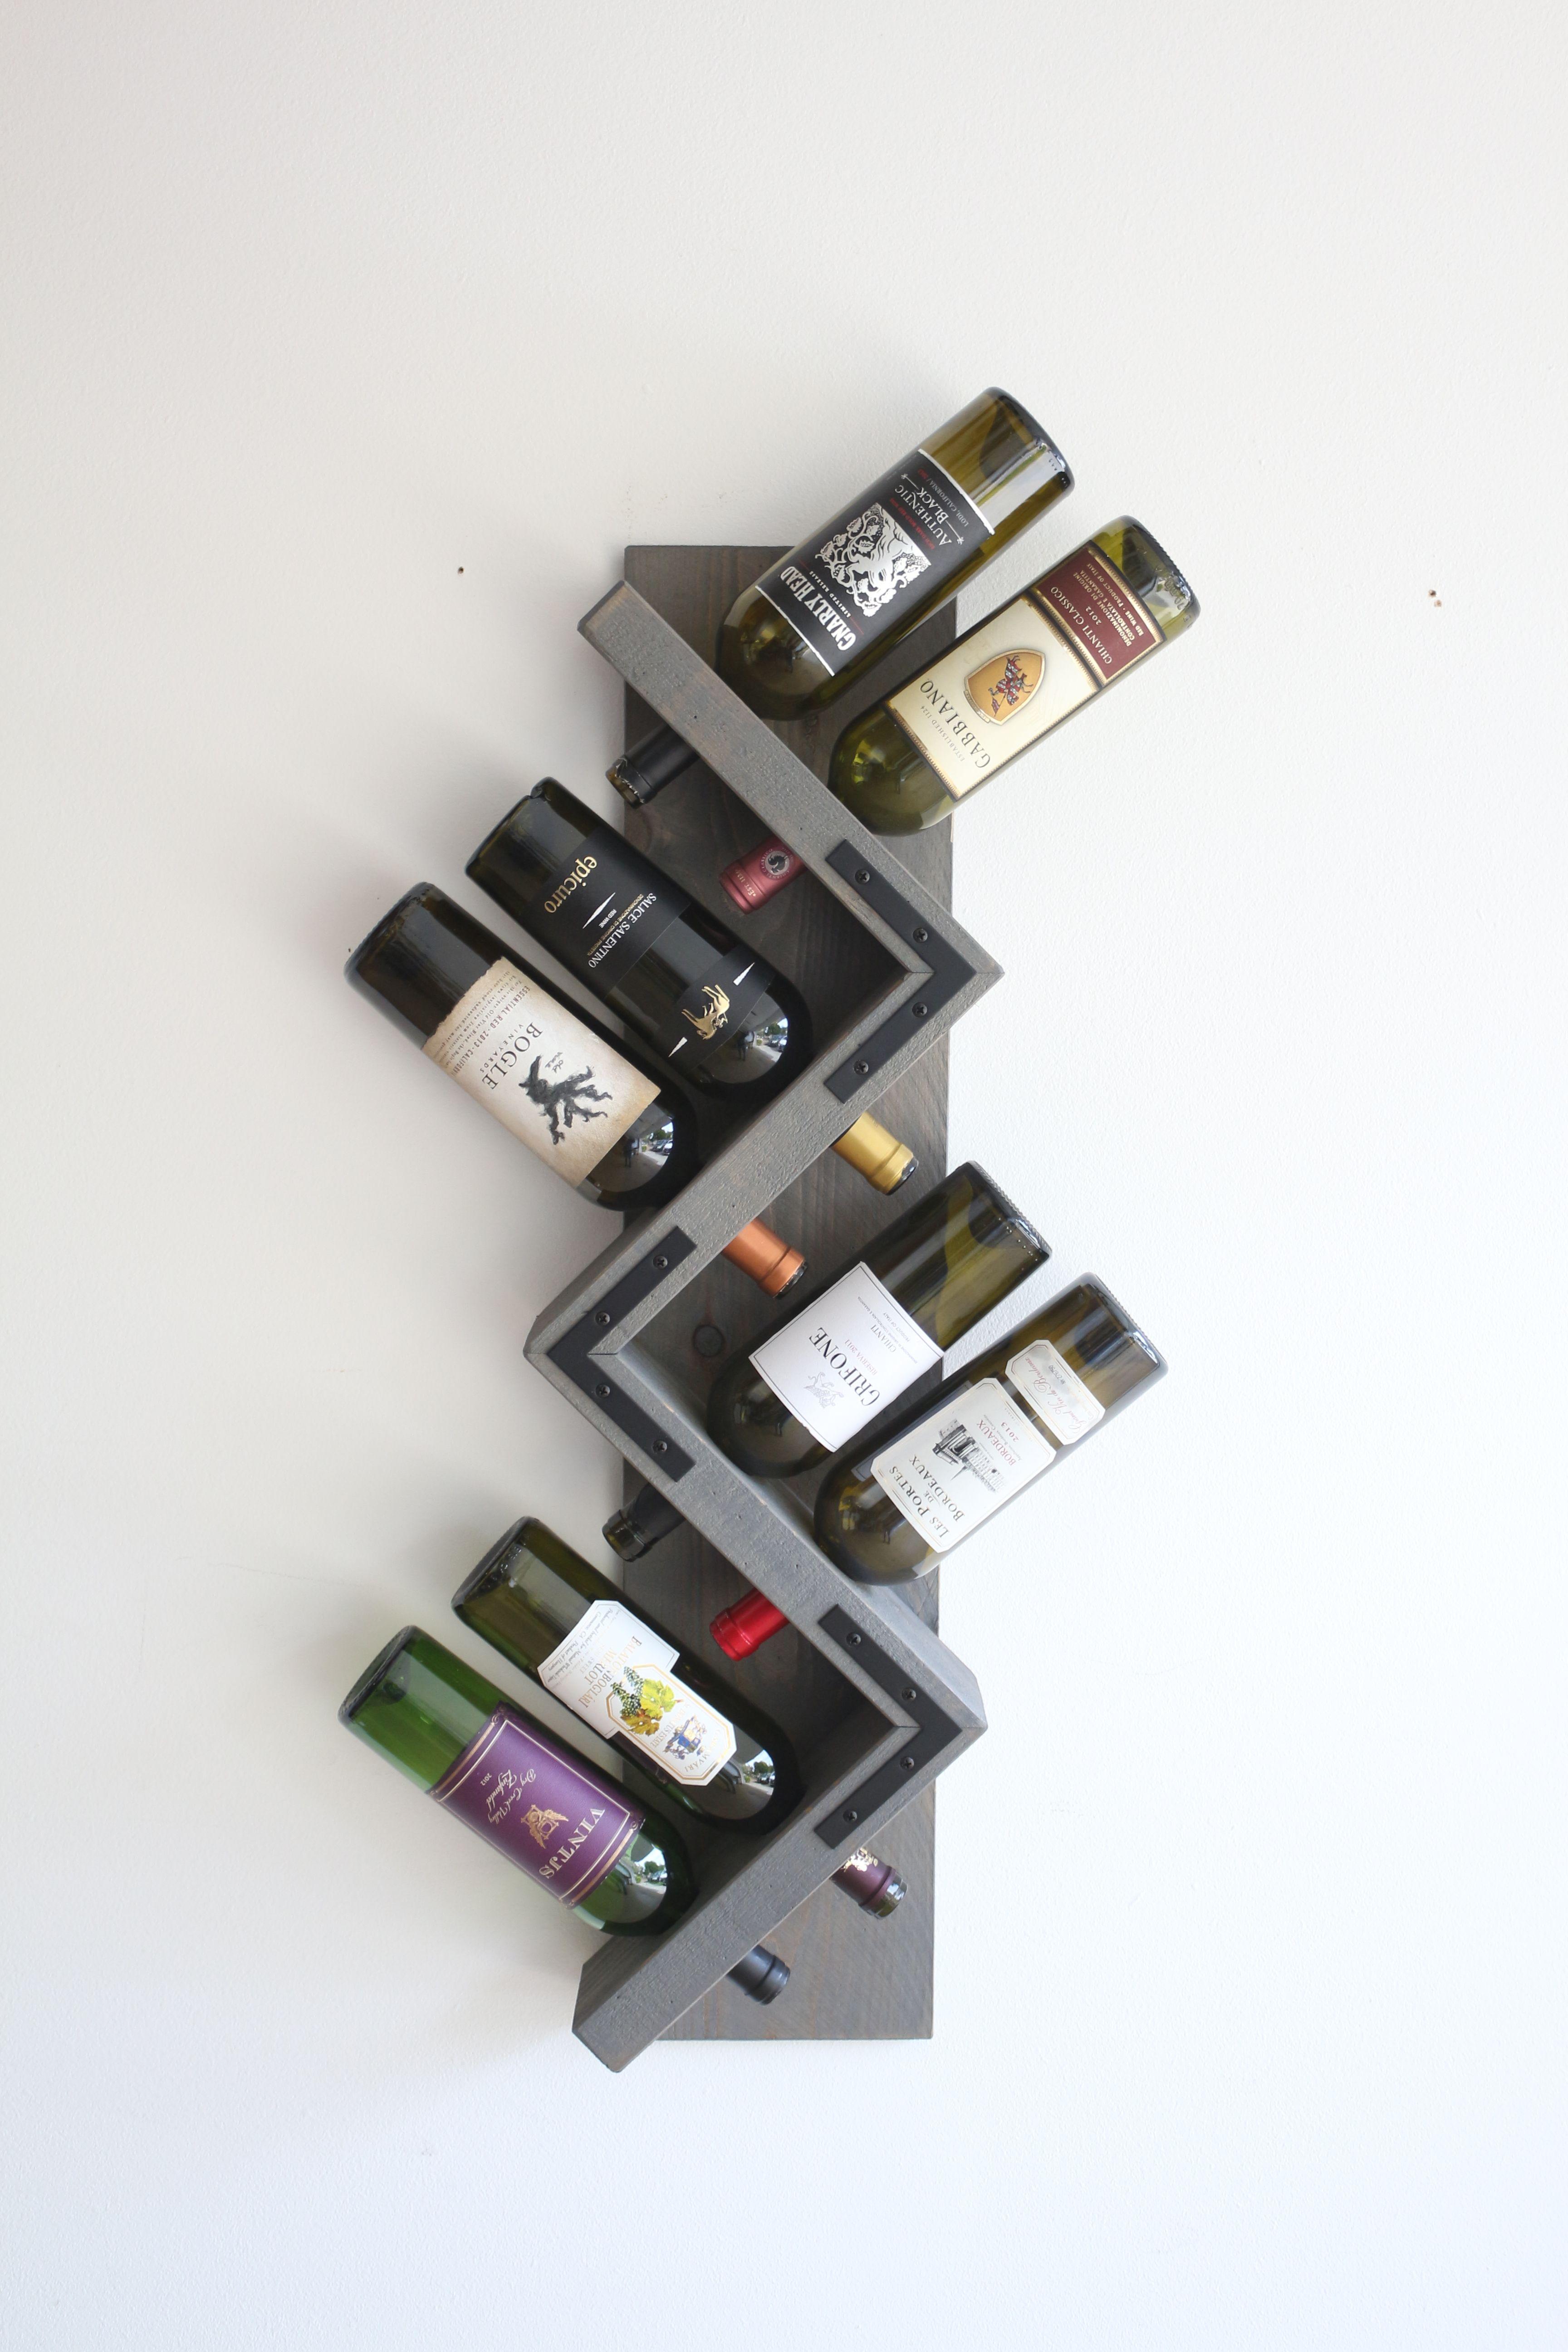 Buy Handmade Zig Zag Rustic Wine Rack Wall Mounted Holds 8 Bottles